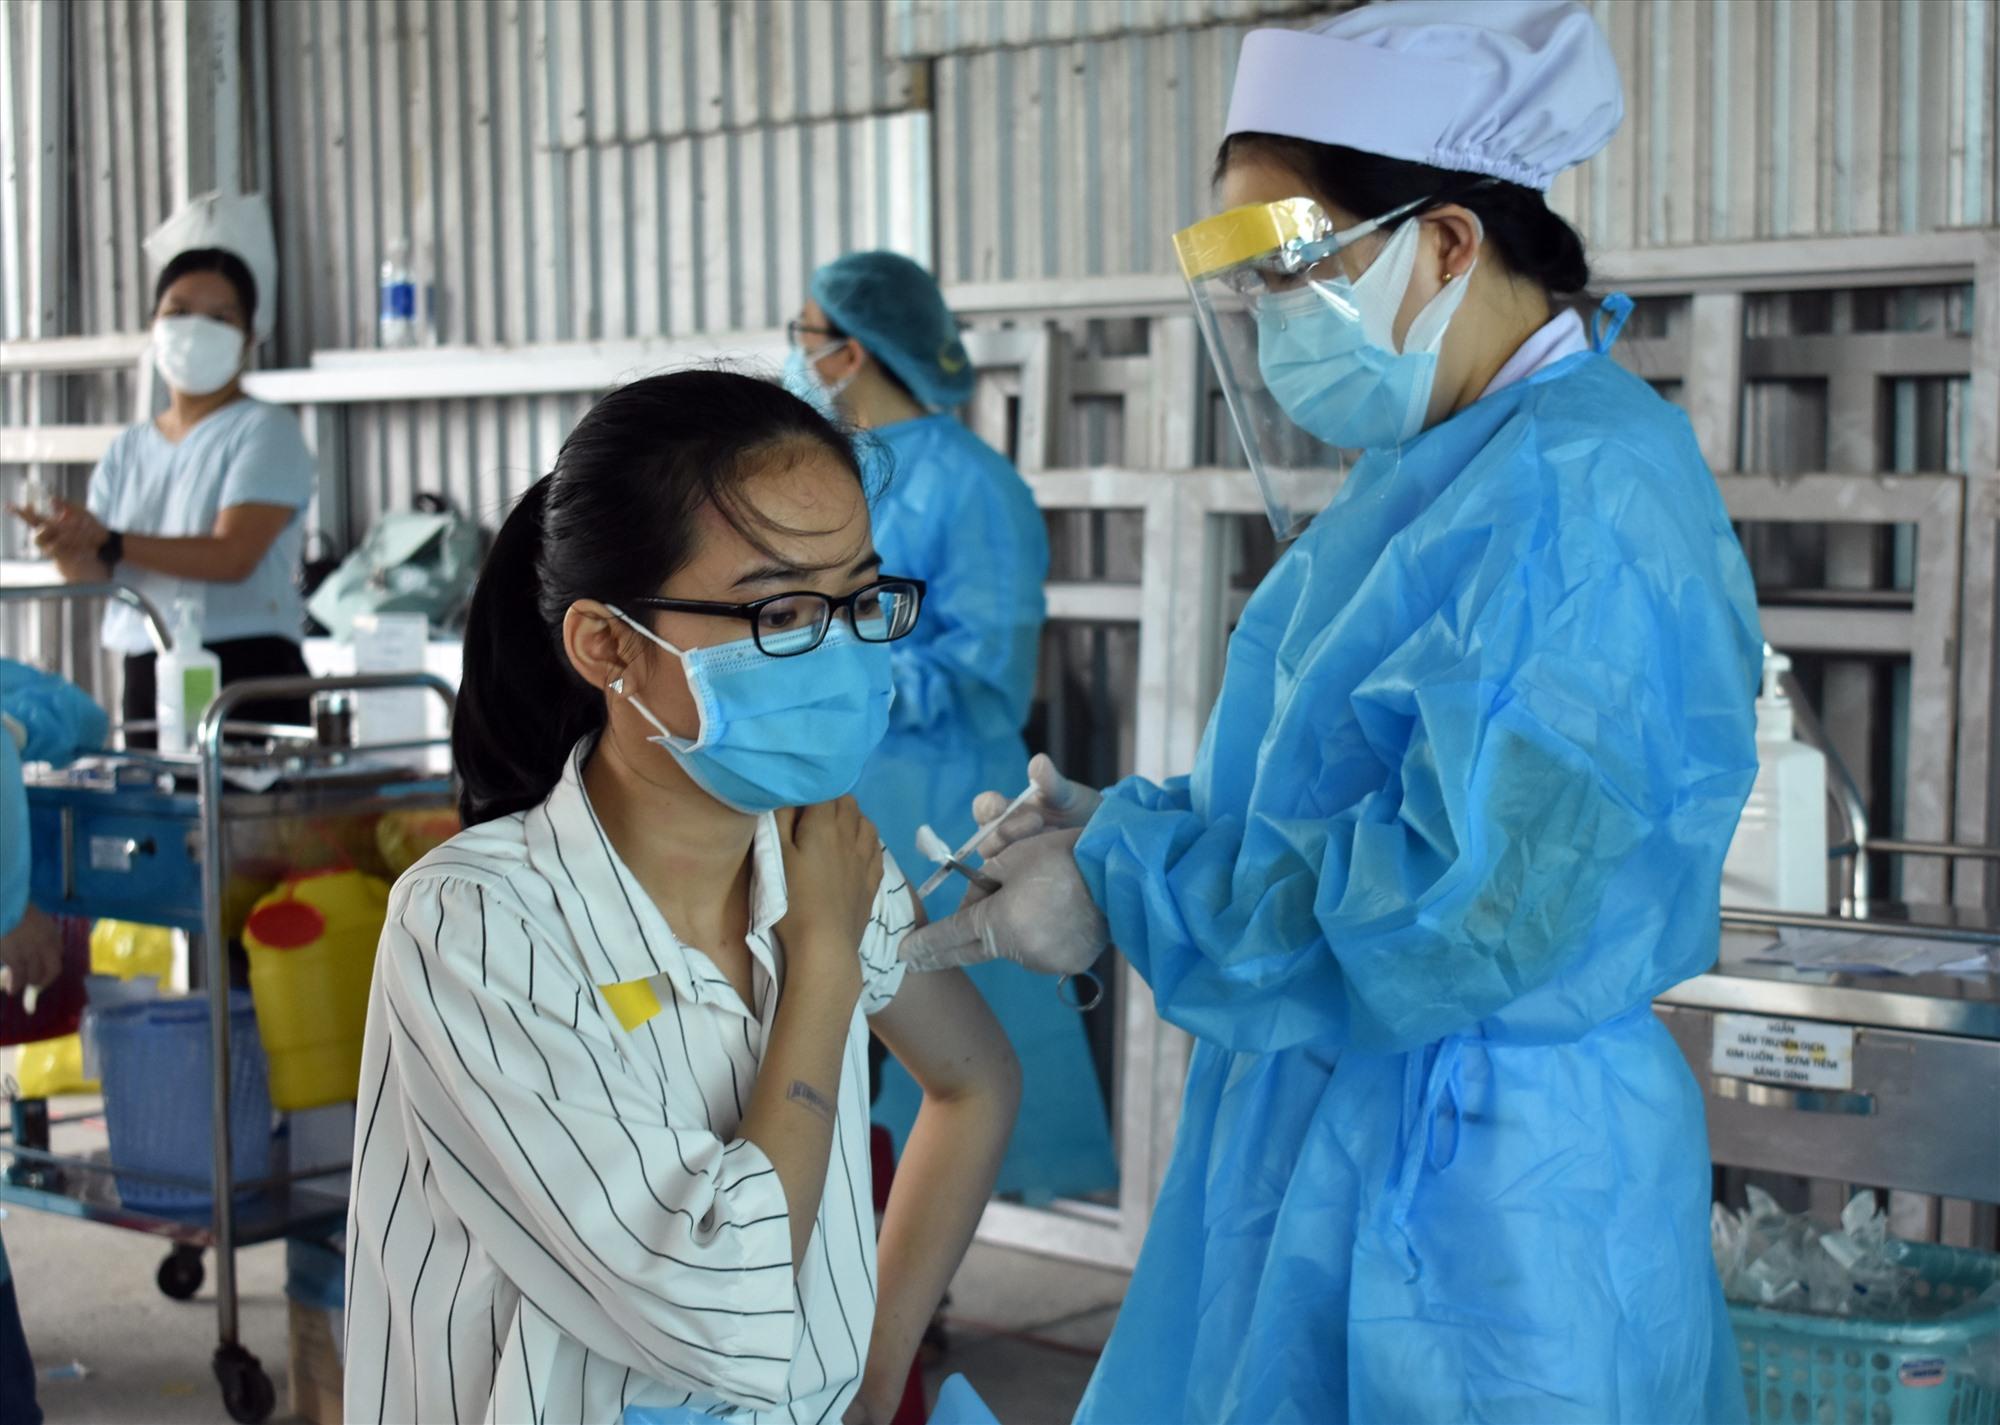 Tỷ lệ người lao động trong các khu, cụm công nghiệp trong tỉnh được tiêm vắc xin ngừa Covid-19 vẫn còn thấp. Ảnh: V.LỘC